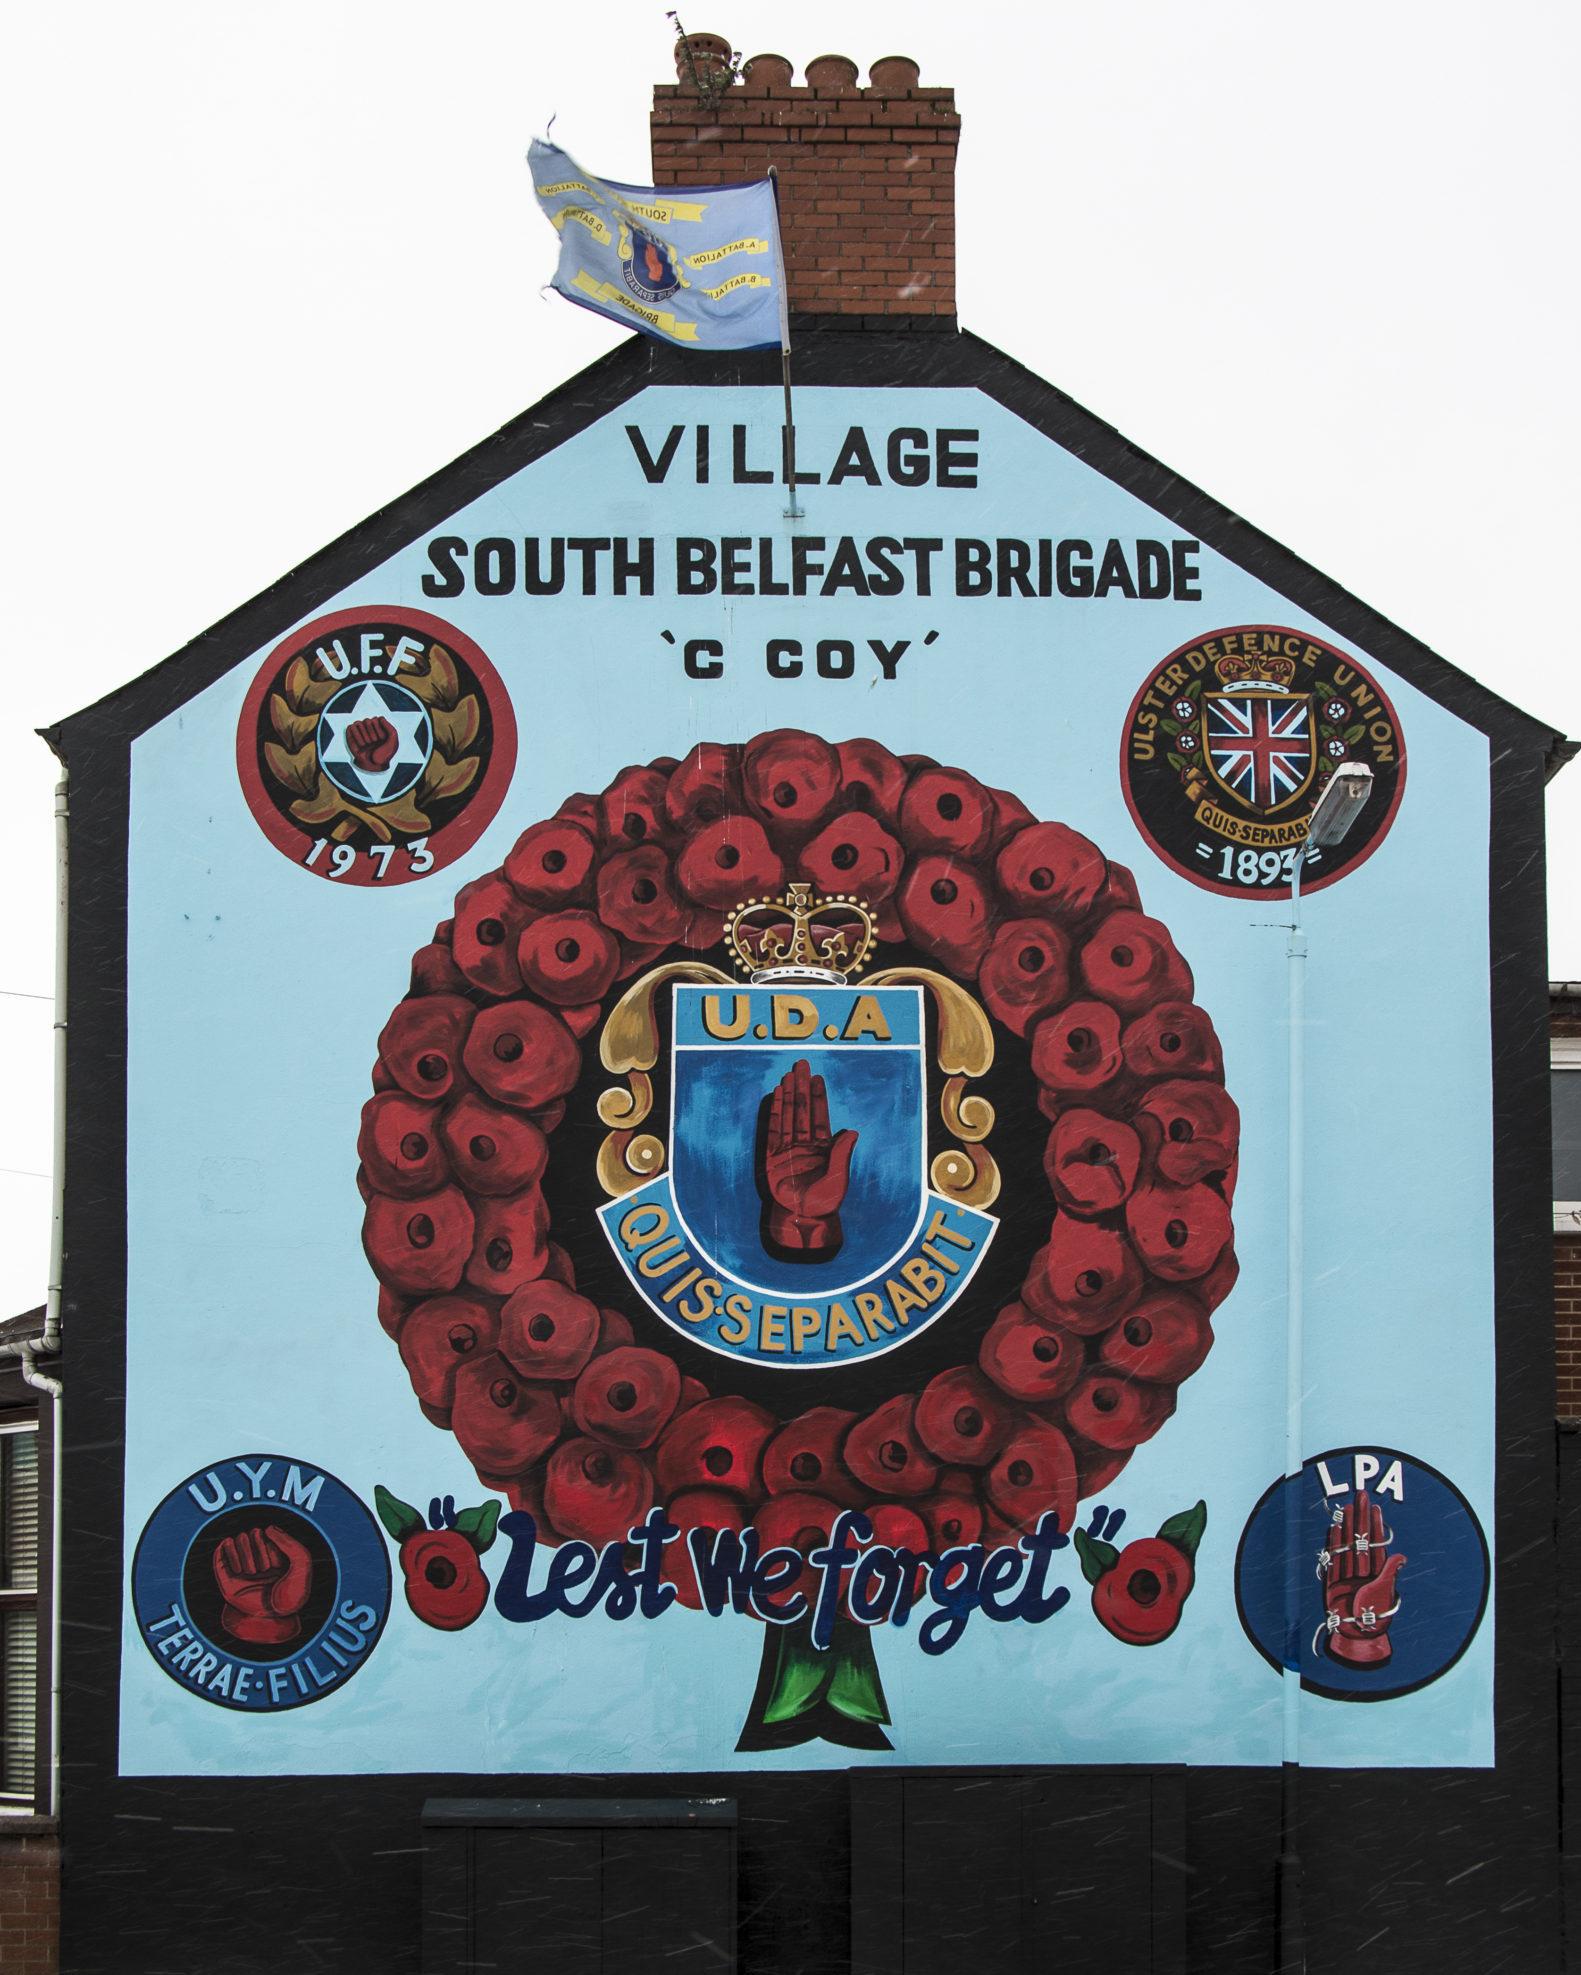 UDA eli Ulster Defence Association oli yksi lojalistien puolisotilaallisista jengeistä, joka taisteli 1969-1998 Irlannin tasavaltalaisarmeijaa vastaan.